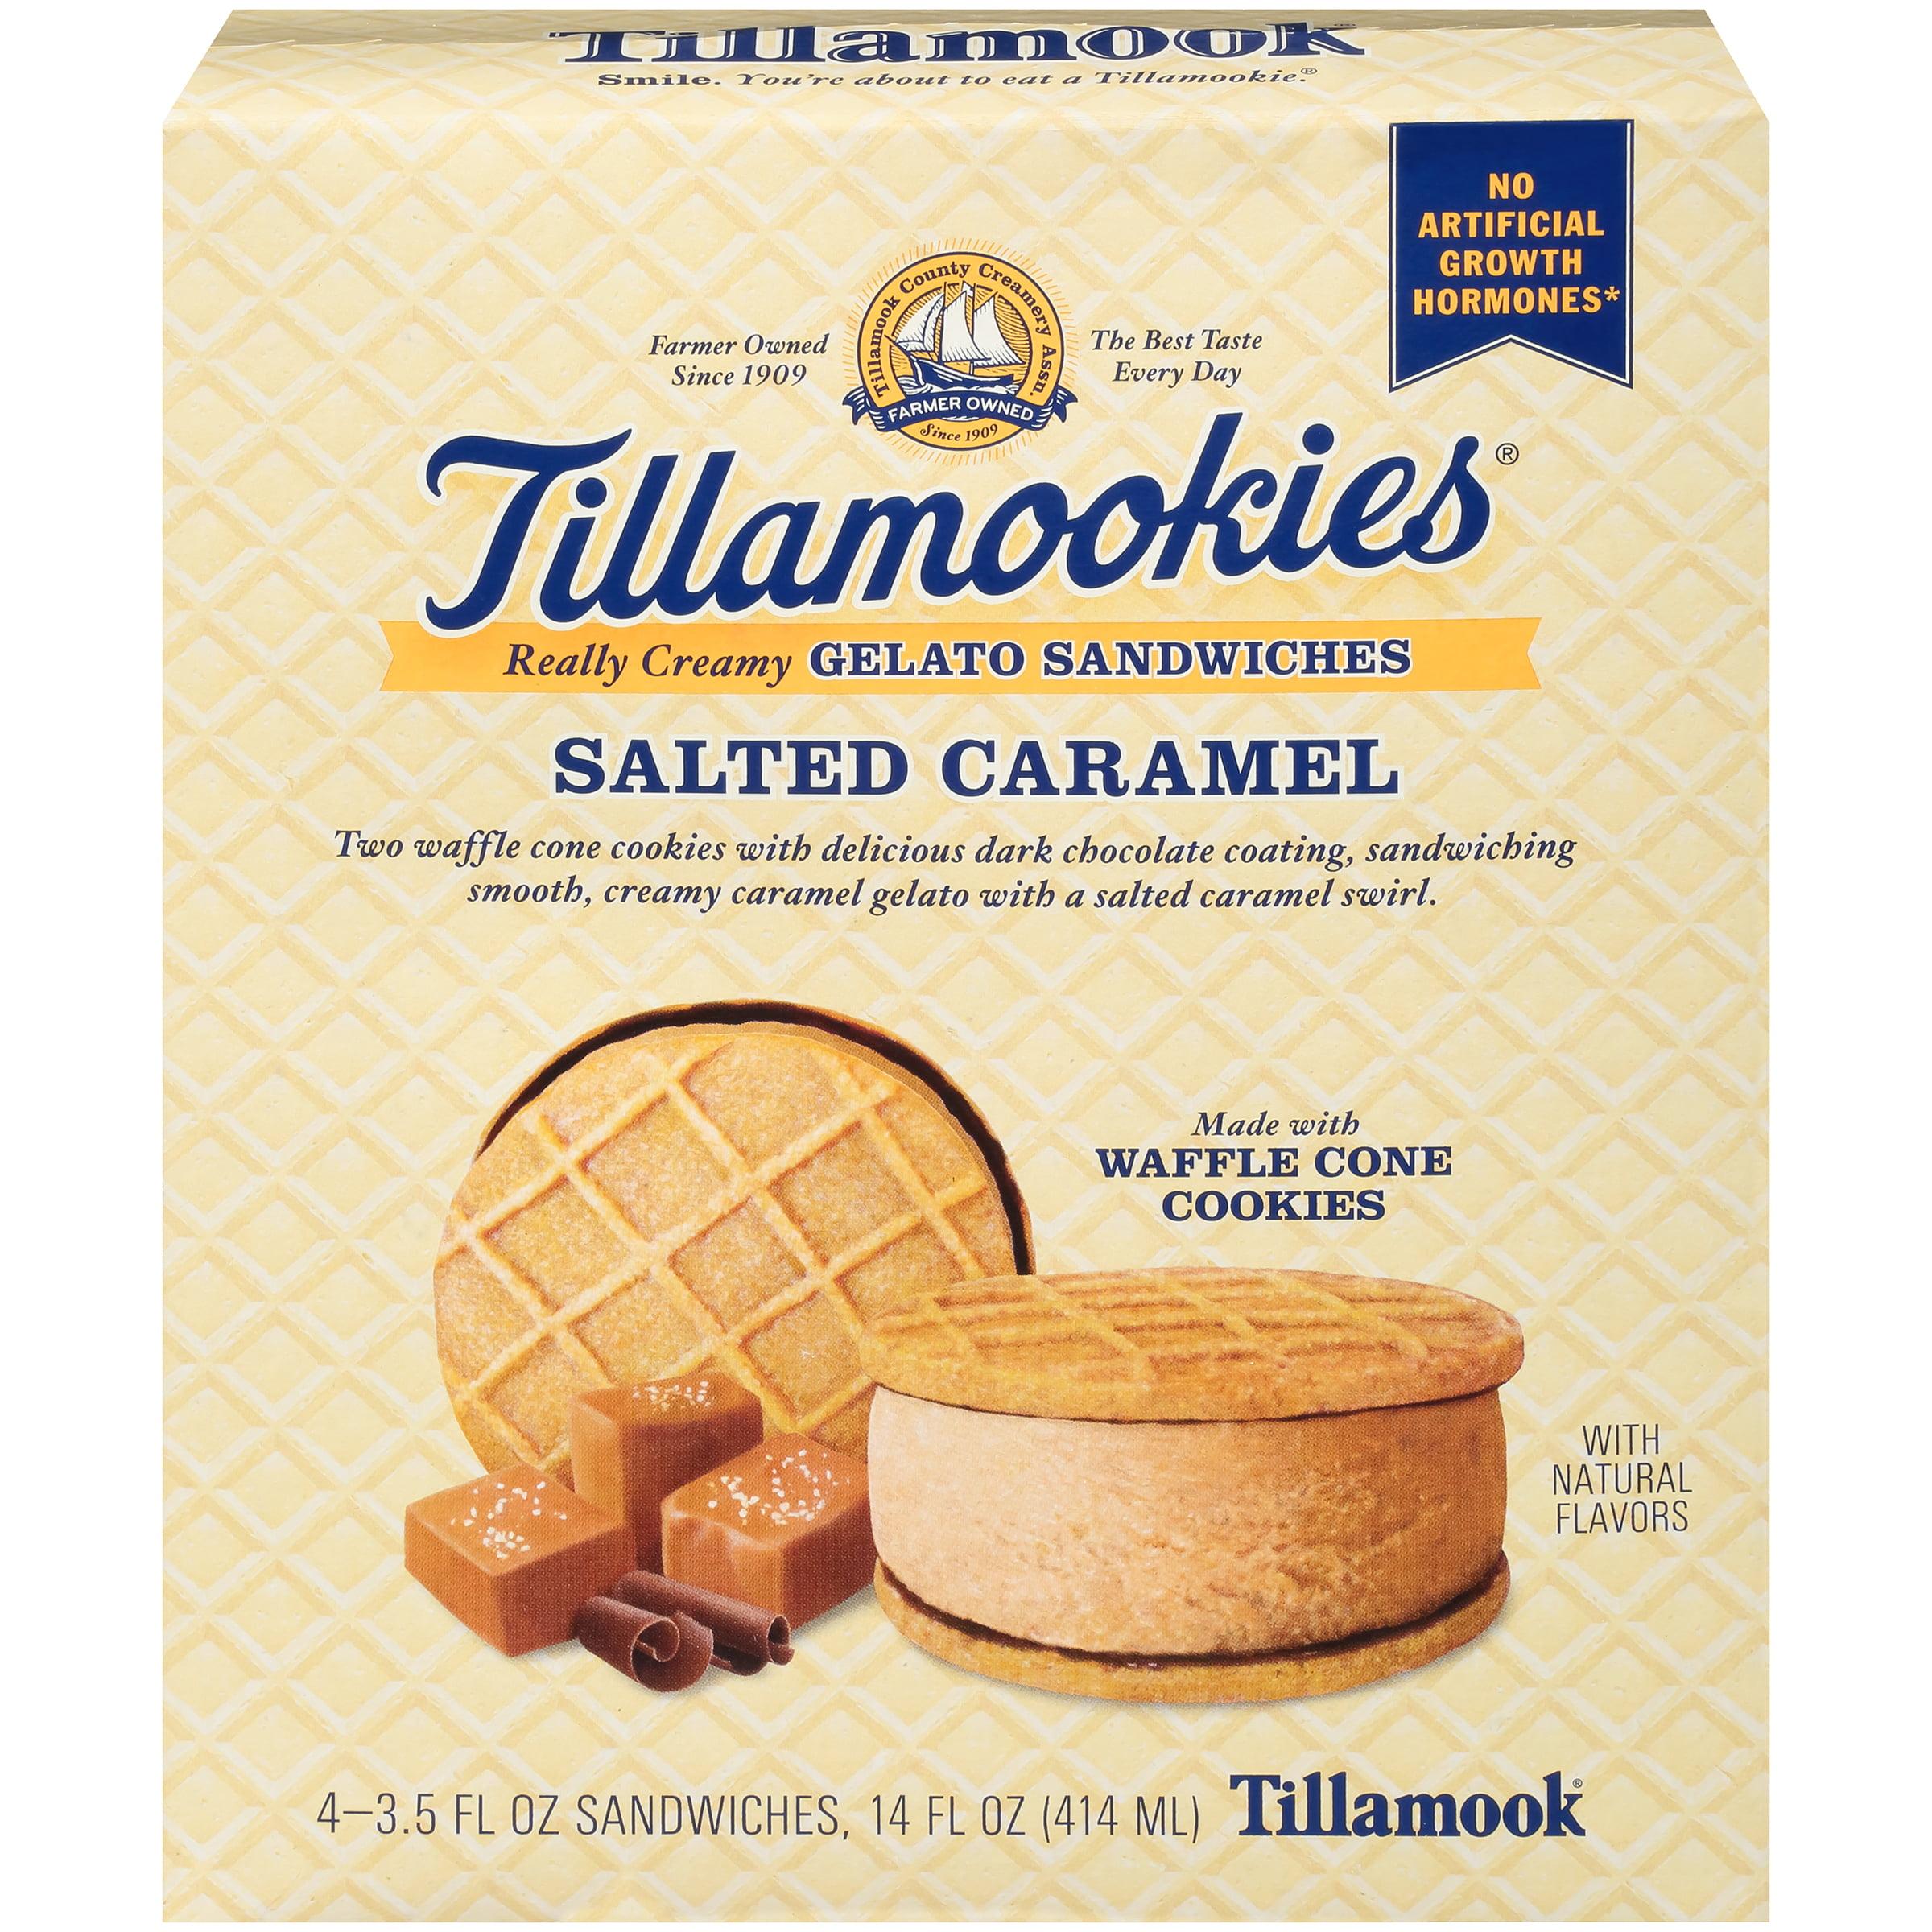 Tillamook Salted Caramel Tillamookies Gelato Sandwiches